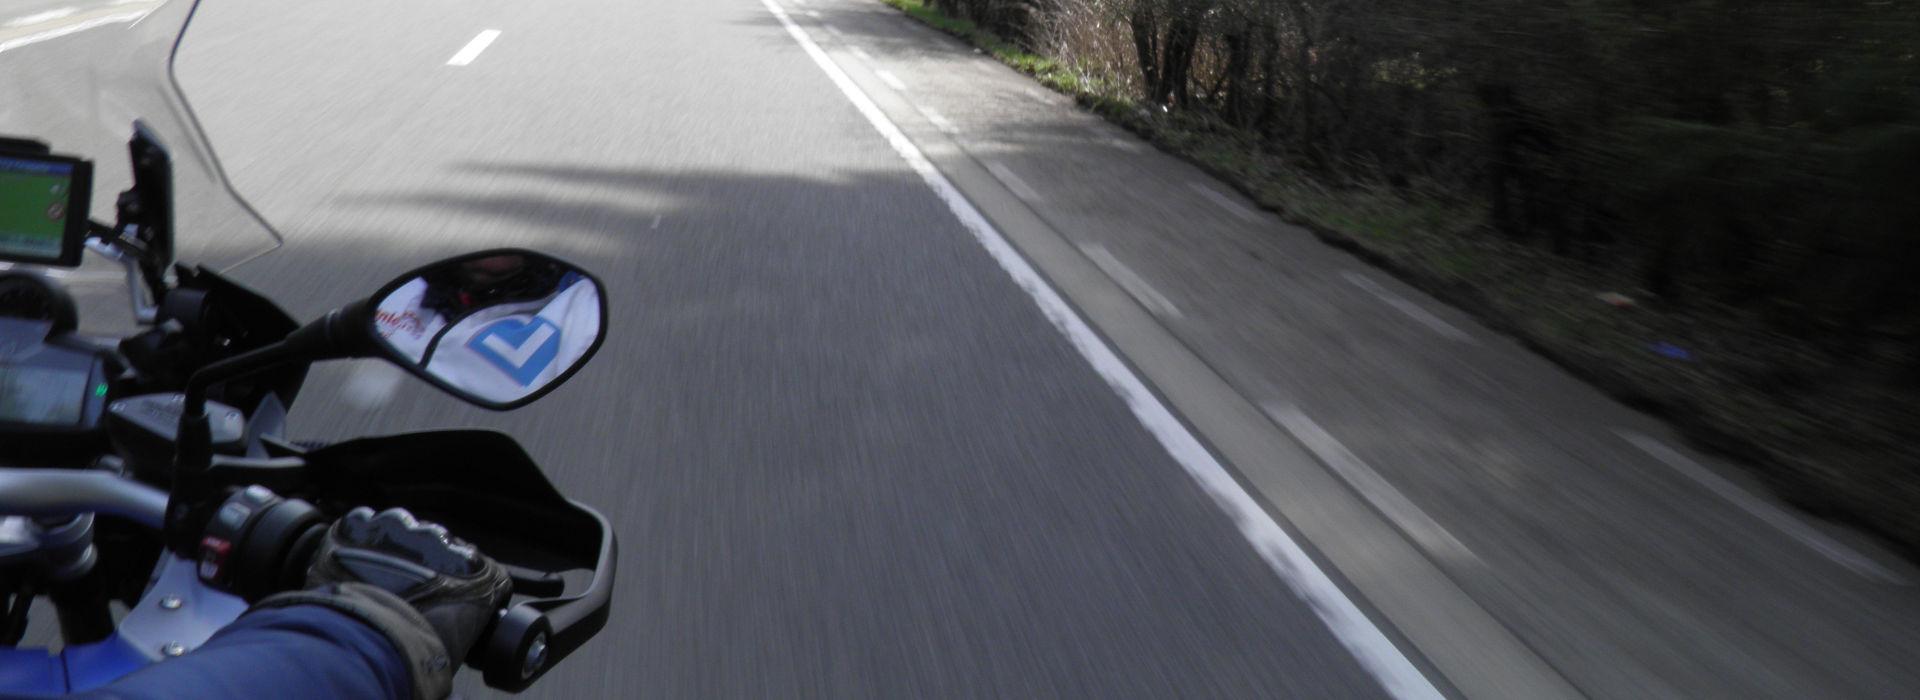 Motorrijschool Motorrijbewijspoint Haaksbergen motorrijlessen